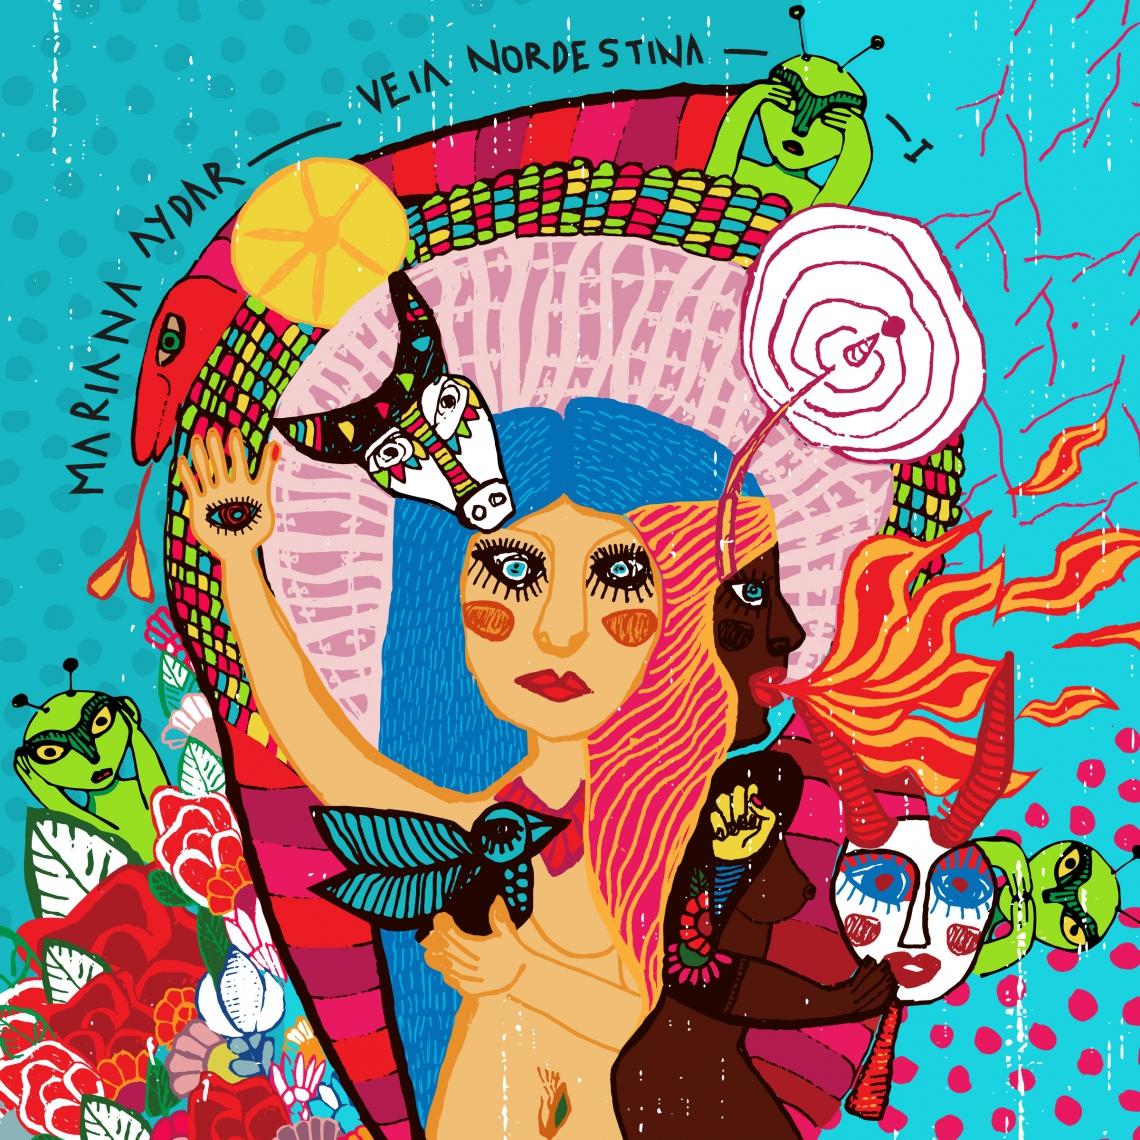 Capa do novo EP de Mariana Aydar, Veia Nordestina